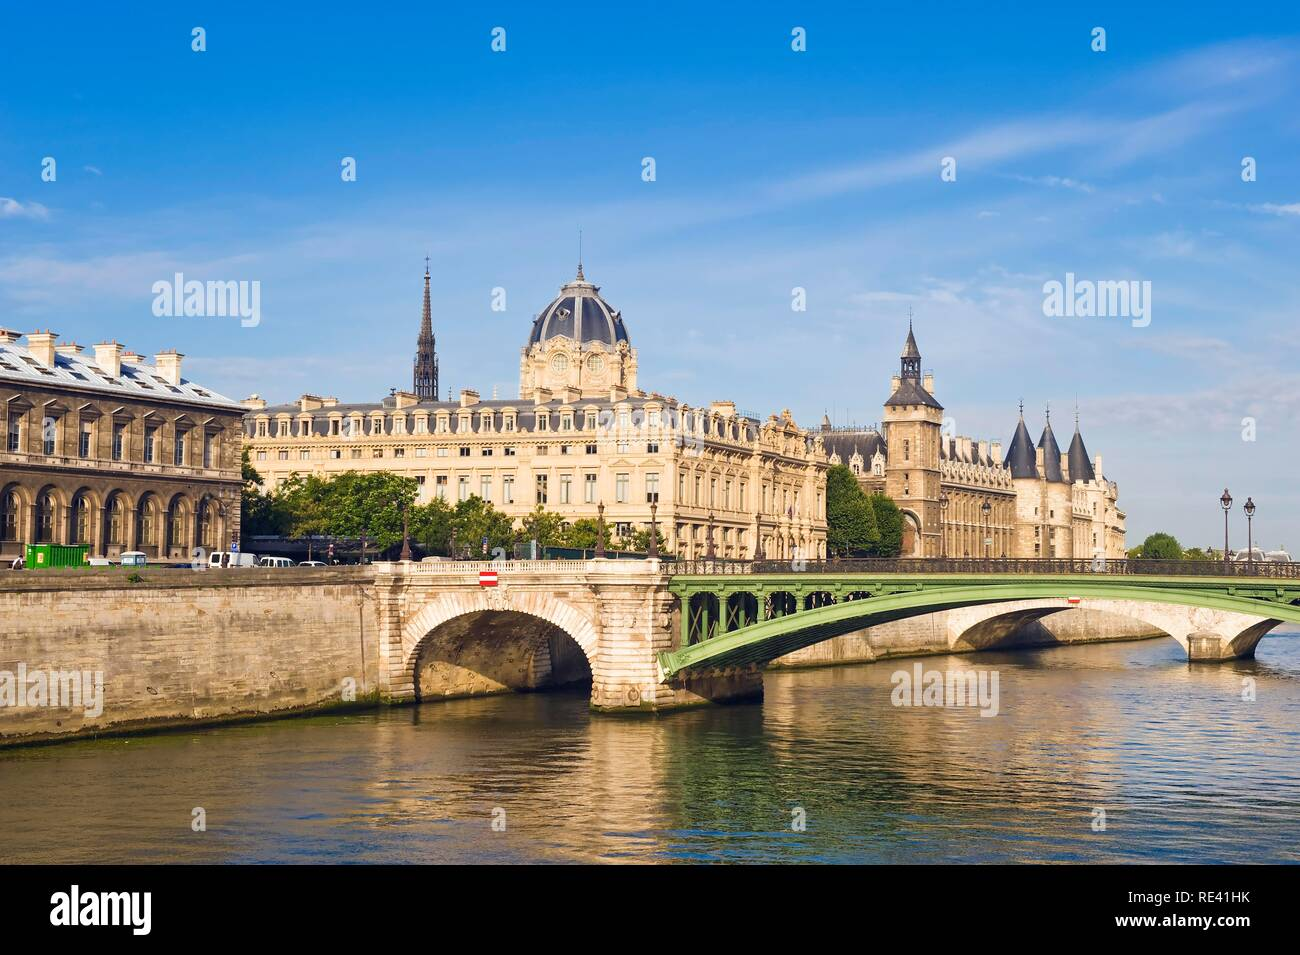 Former Conciergerie jail and the Pont au Change bridge, banks of the Seine, Ile de la Cite, Paris, France, Europe - Stock Image